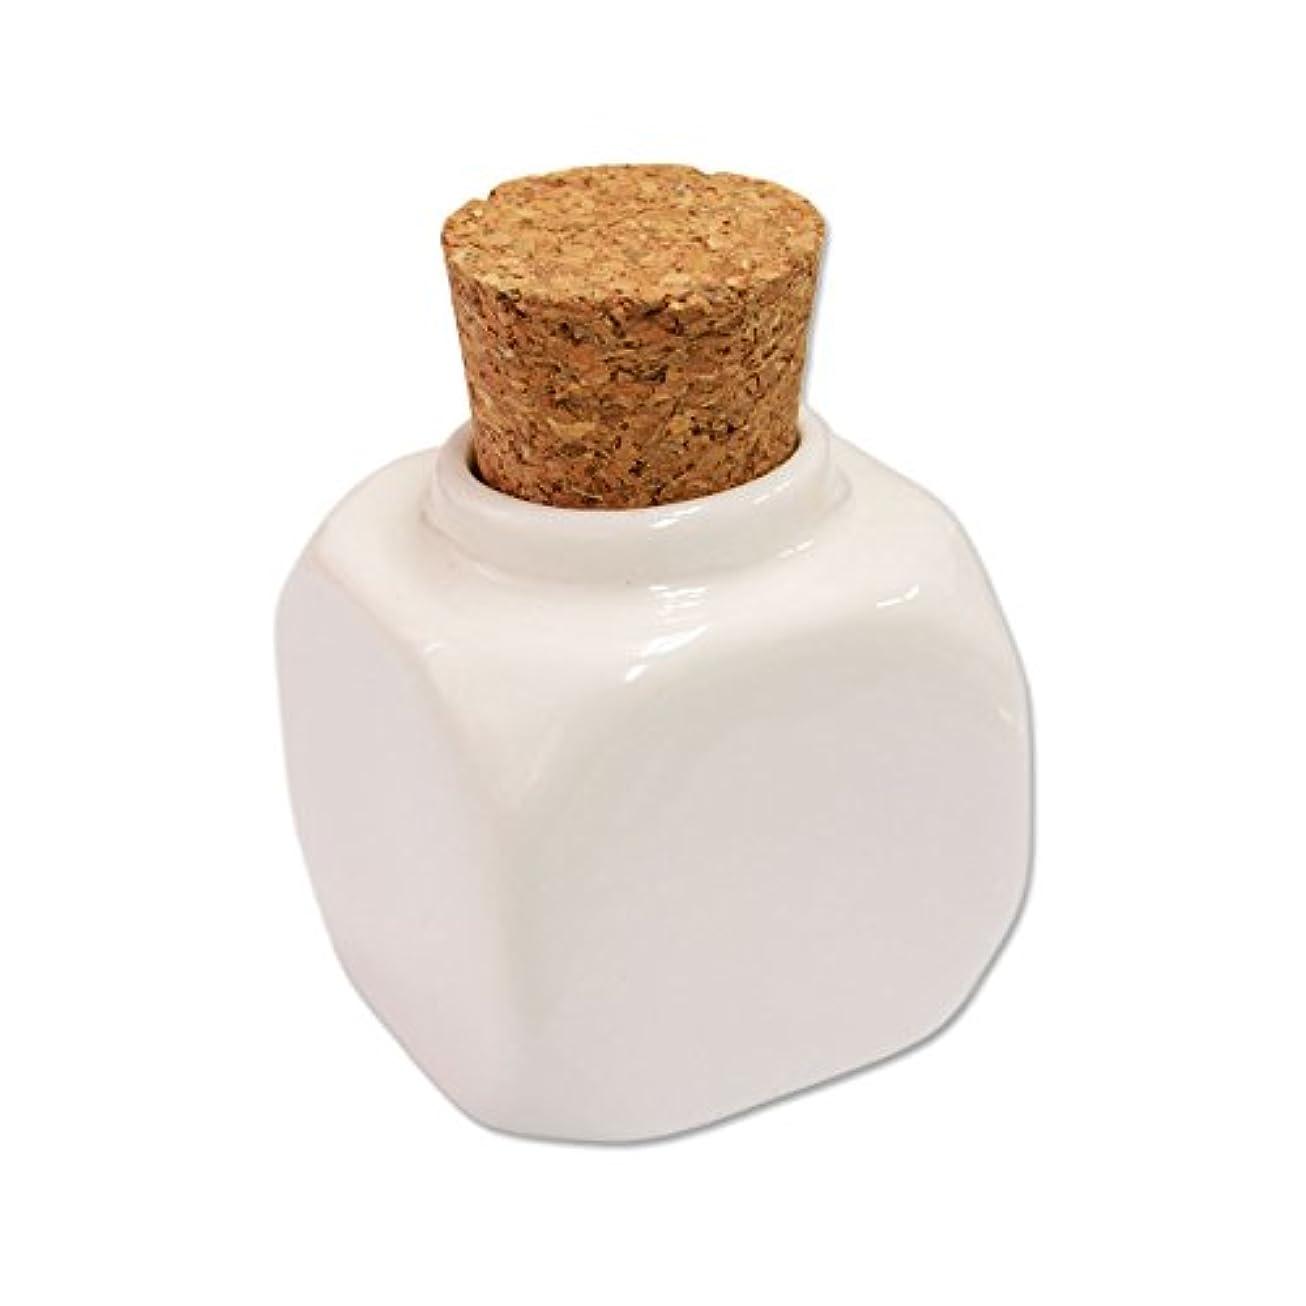 容疑者無視変換するコルクキャップ 陶器製ダッペンディッシュ(コルクダッペン)